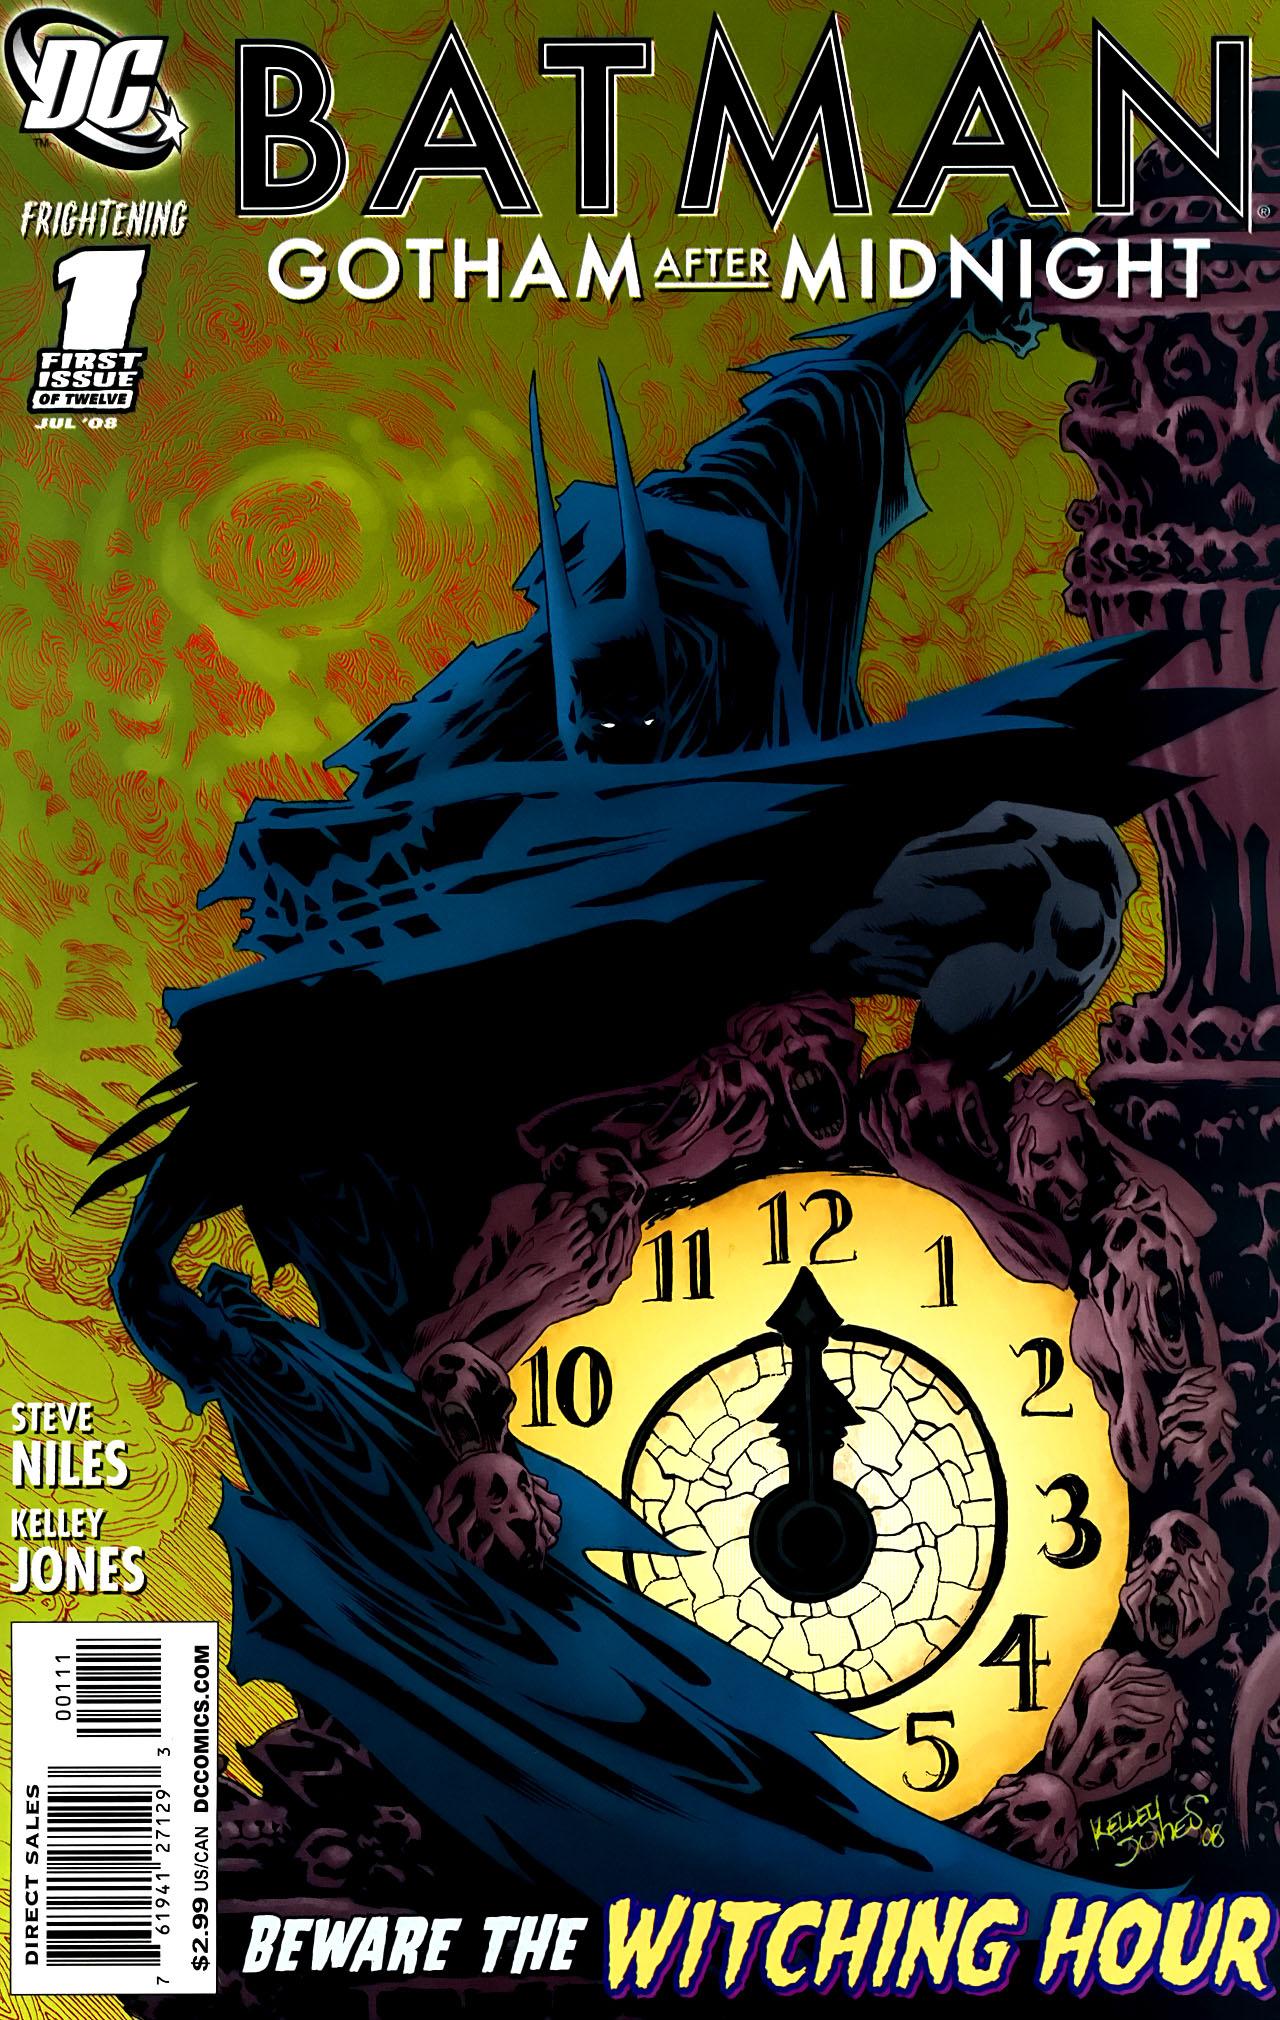 Комиксы для взрослых - Бэтмен: Готэм После Полуночи - # 1 - Страница №1 - Batman: Gotham After Midnight - # 1